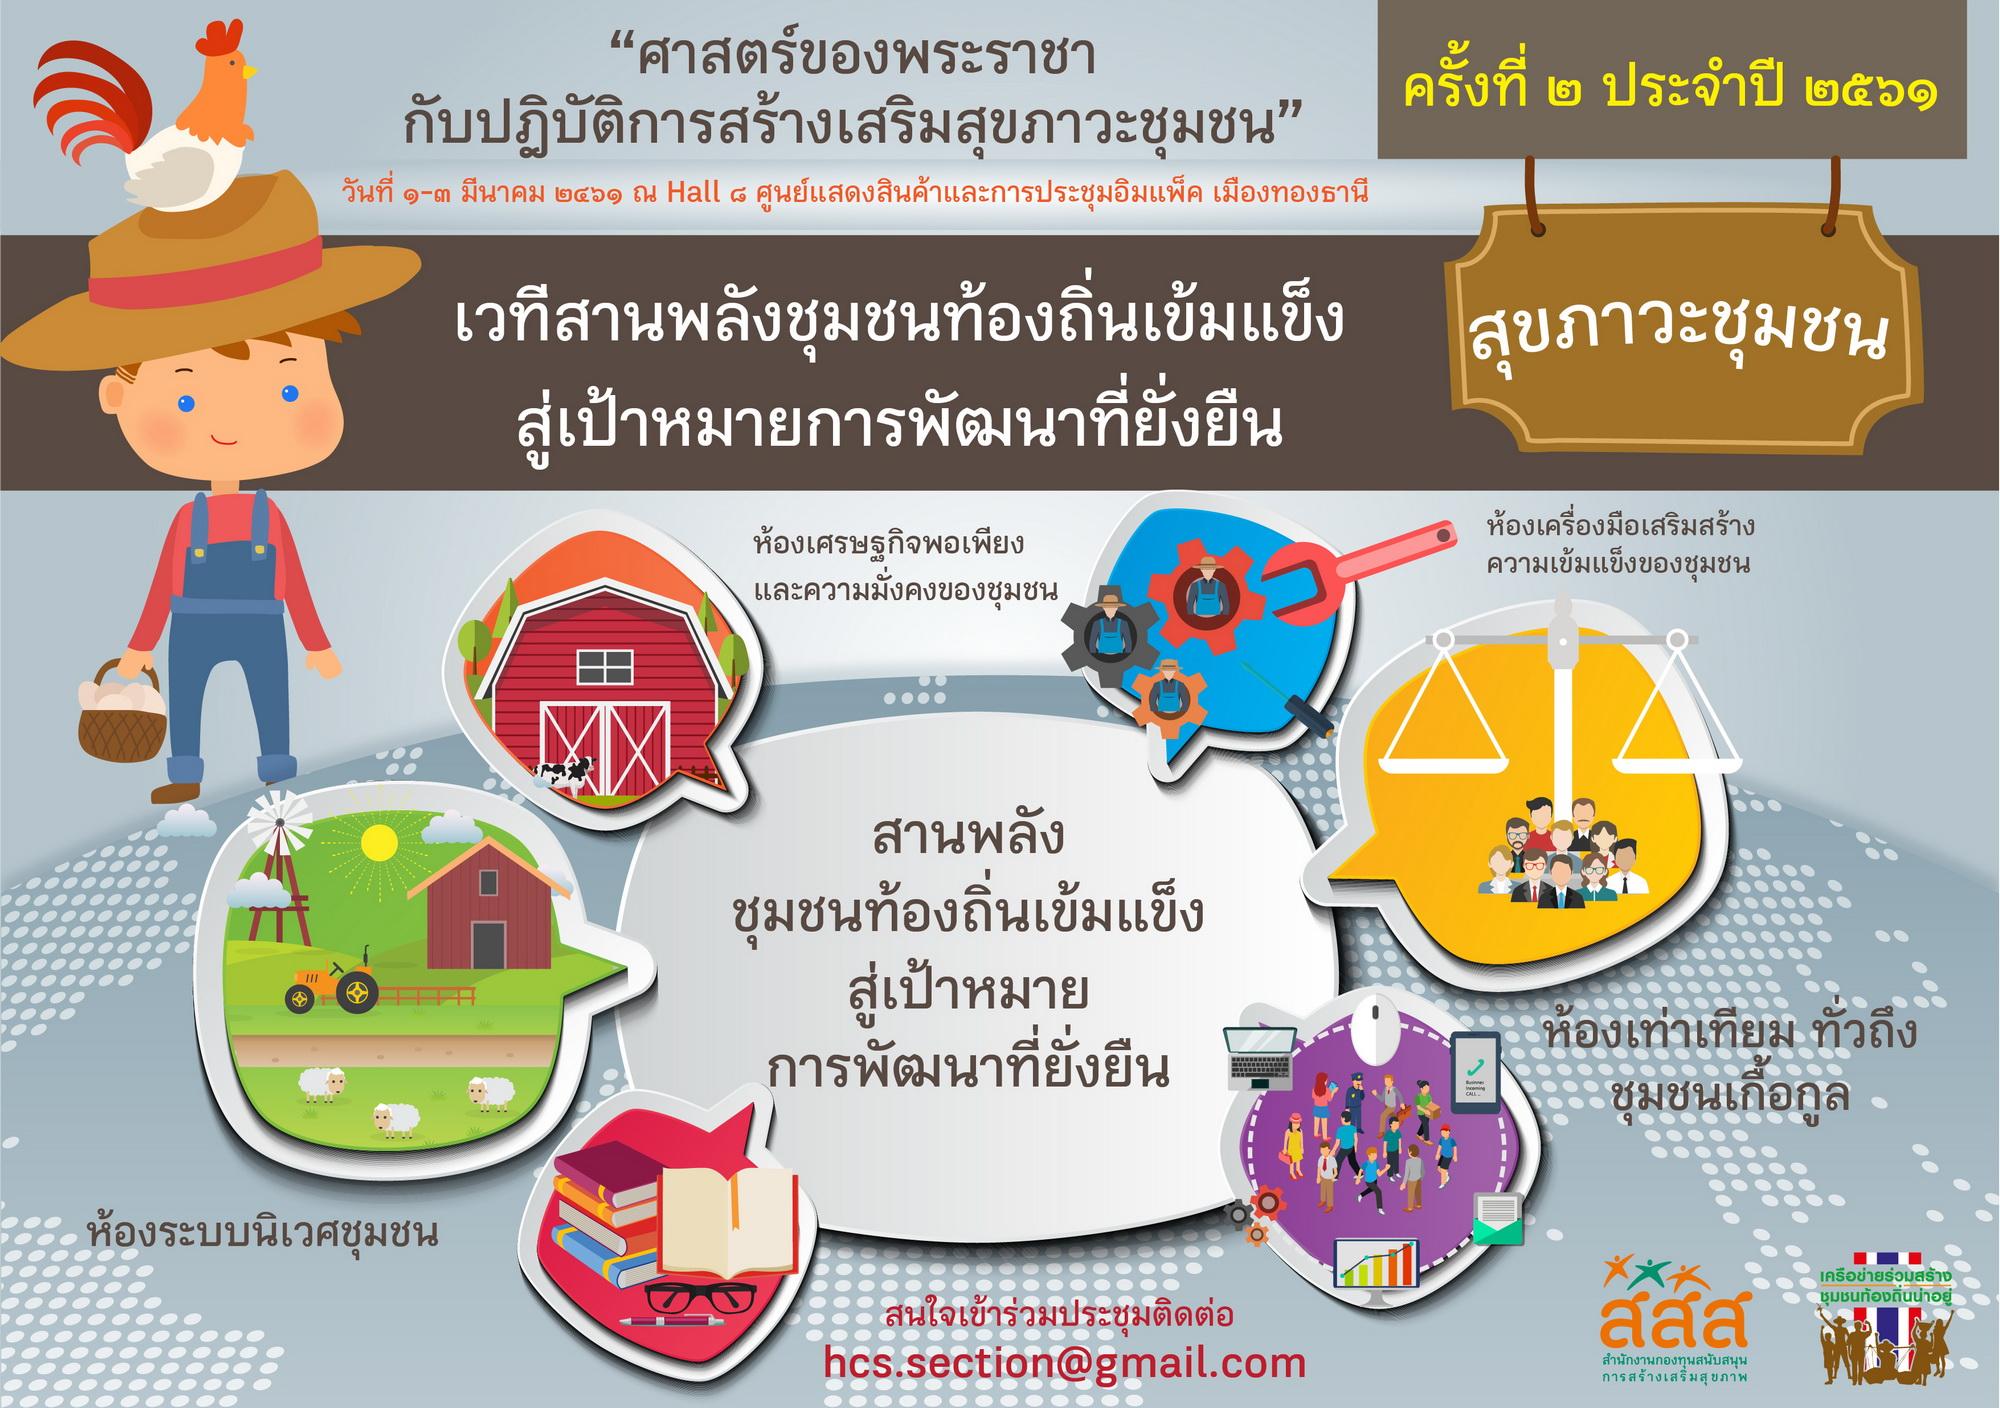 ชวนร่วมสานพลังชุมชนท้องถิ่นเข้มแข็งสู่เป้าหมายการพัฒนาที่ยั่งยืน